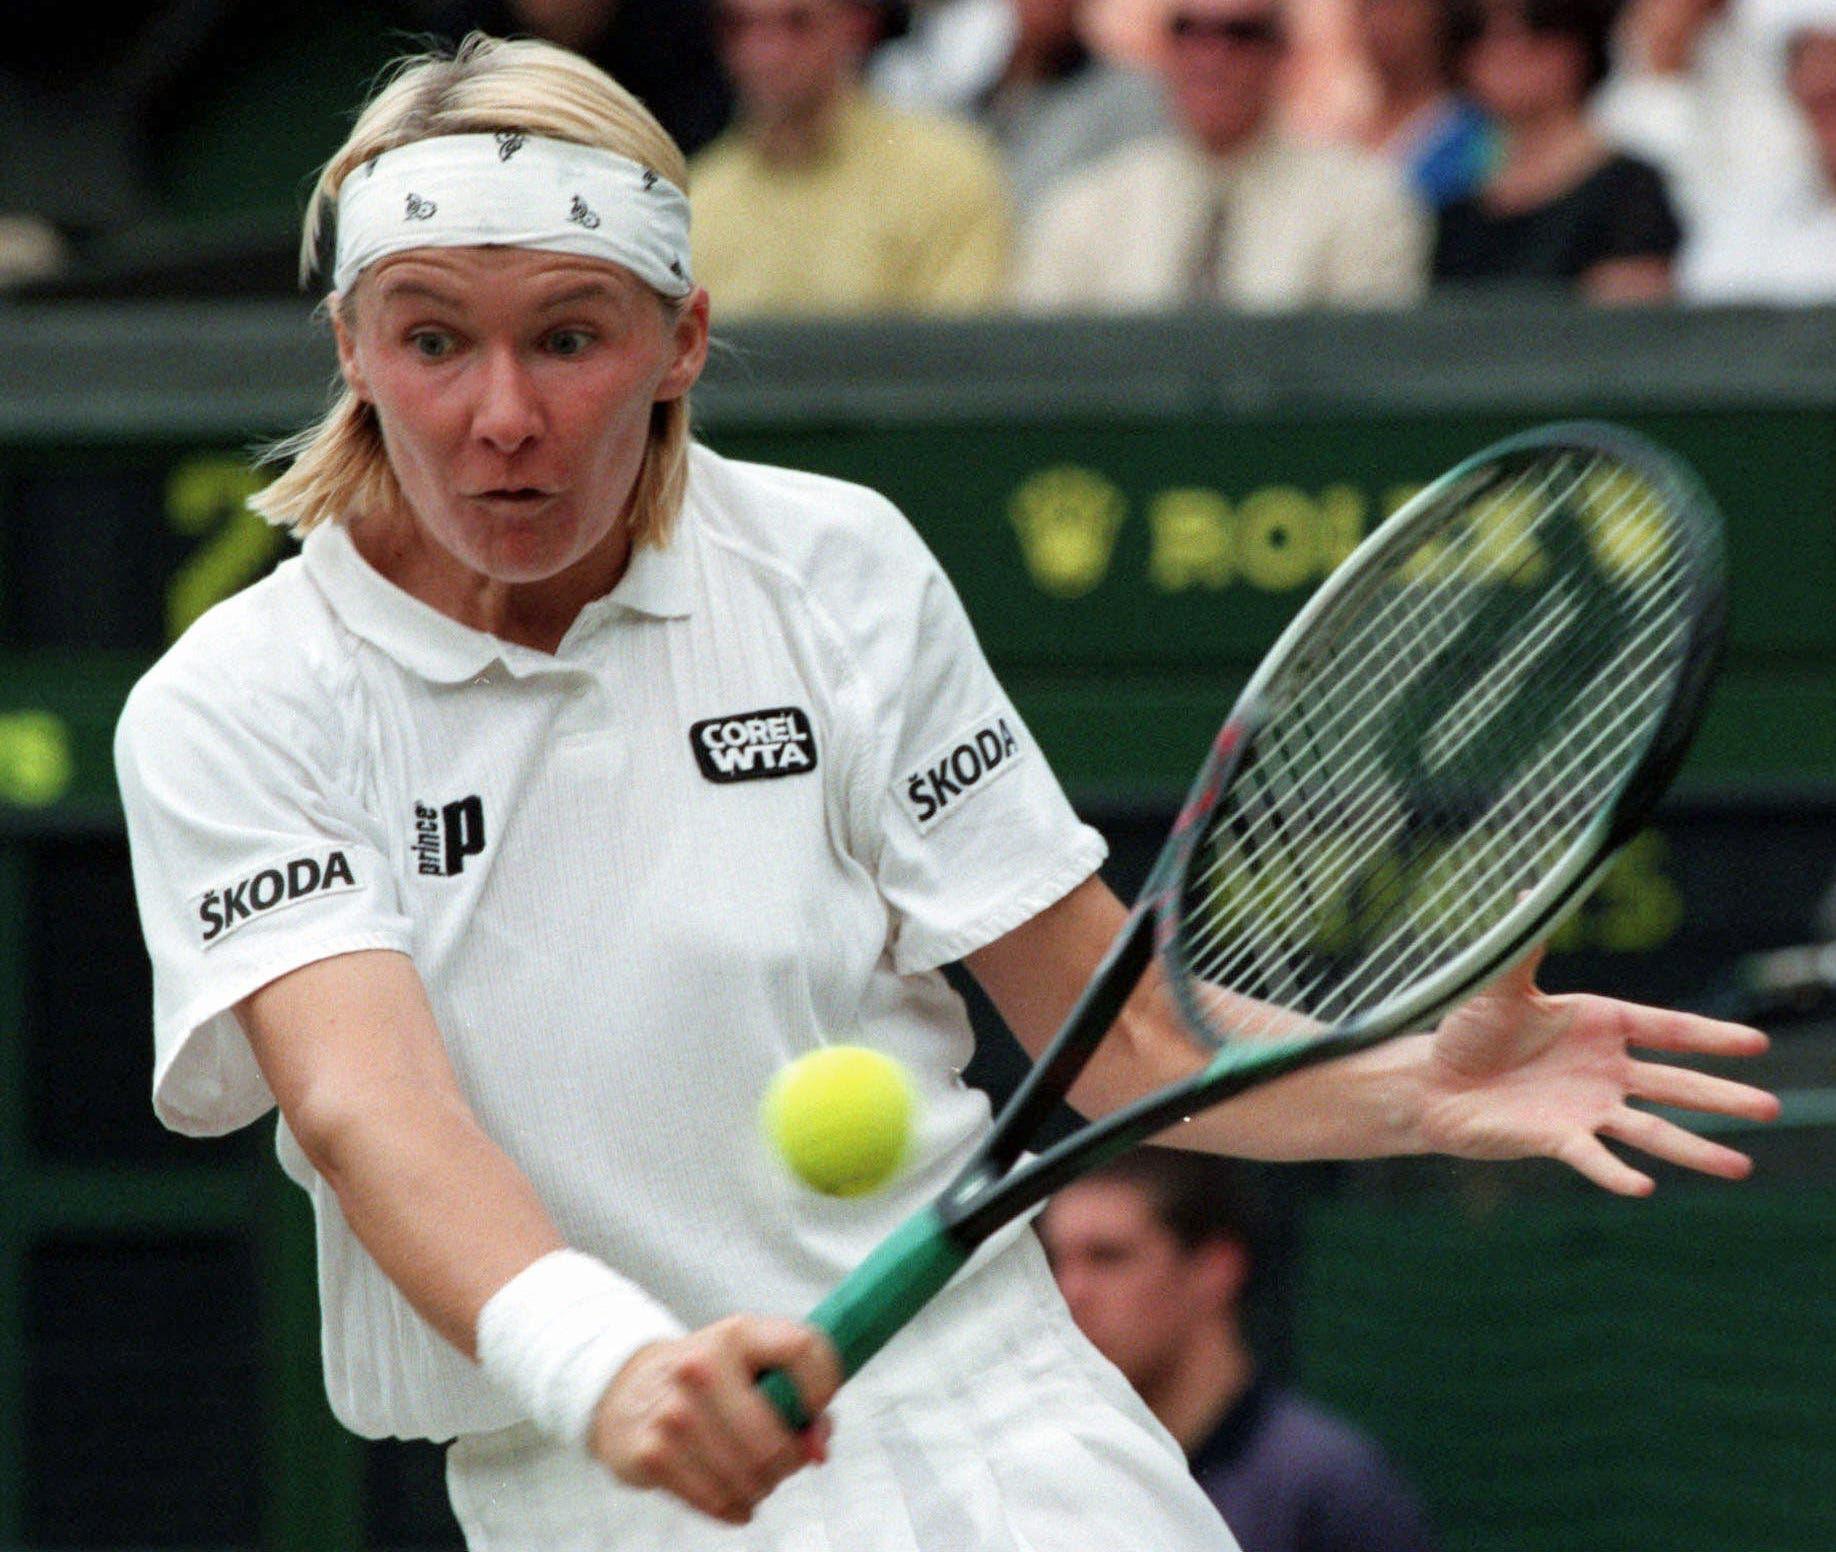 Fallece Jana Novotna, una de las mejores tenistas de todos los tiempos